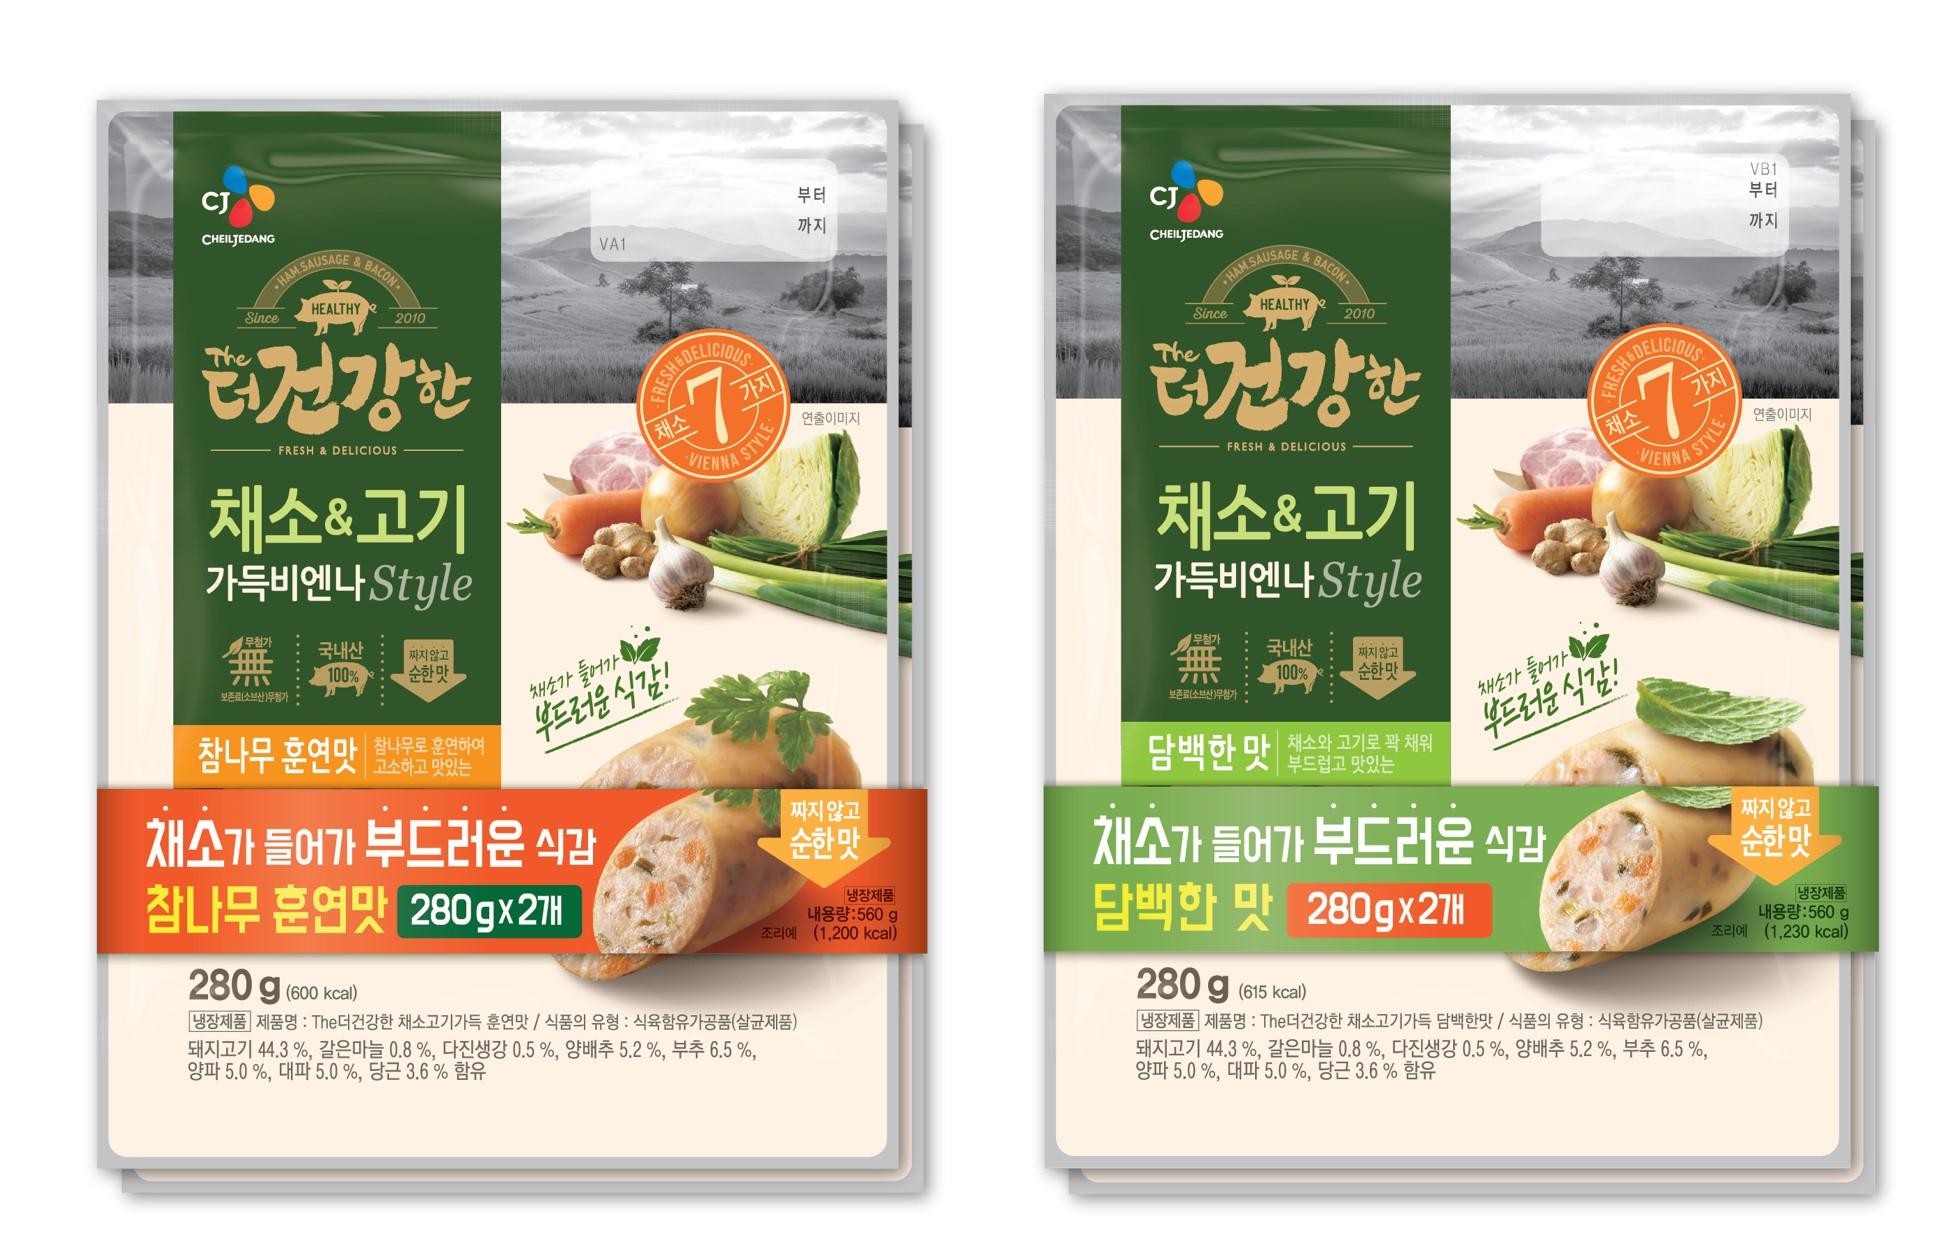 '국내산돈육'과 '채소'가만나 더 건강하고 맛있는 CJ제일제당, 출시